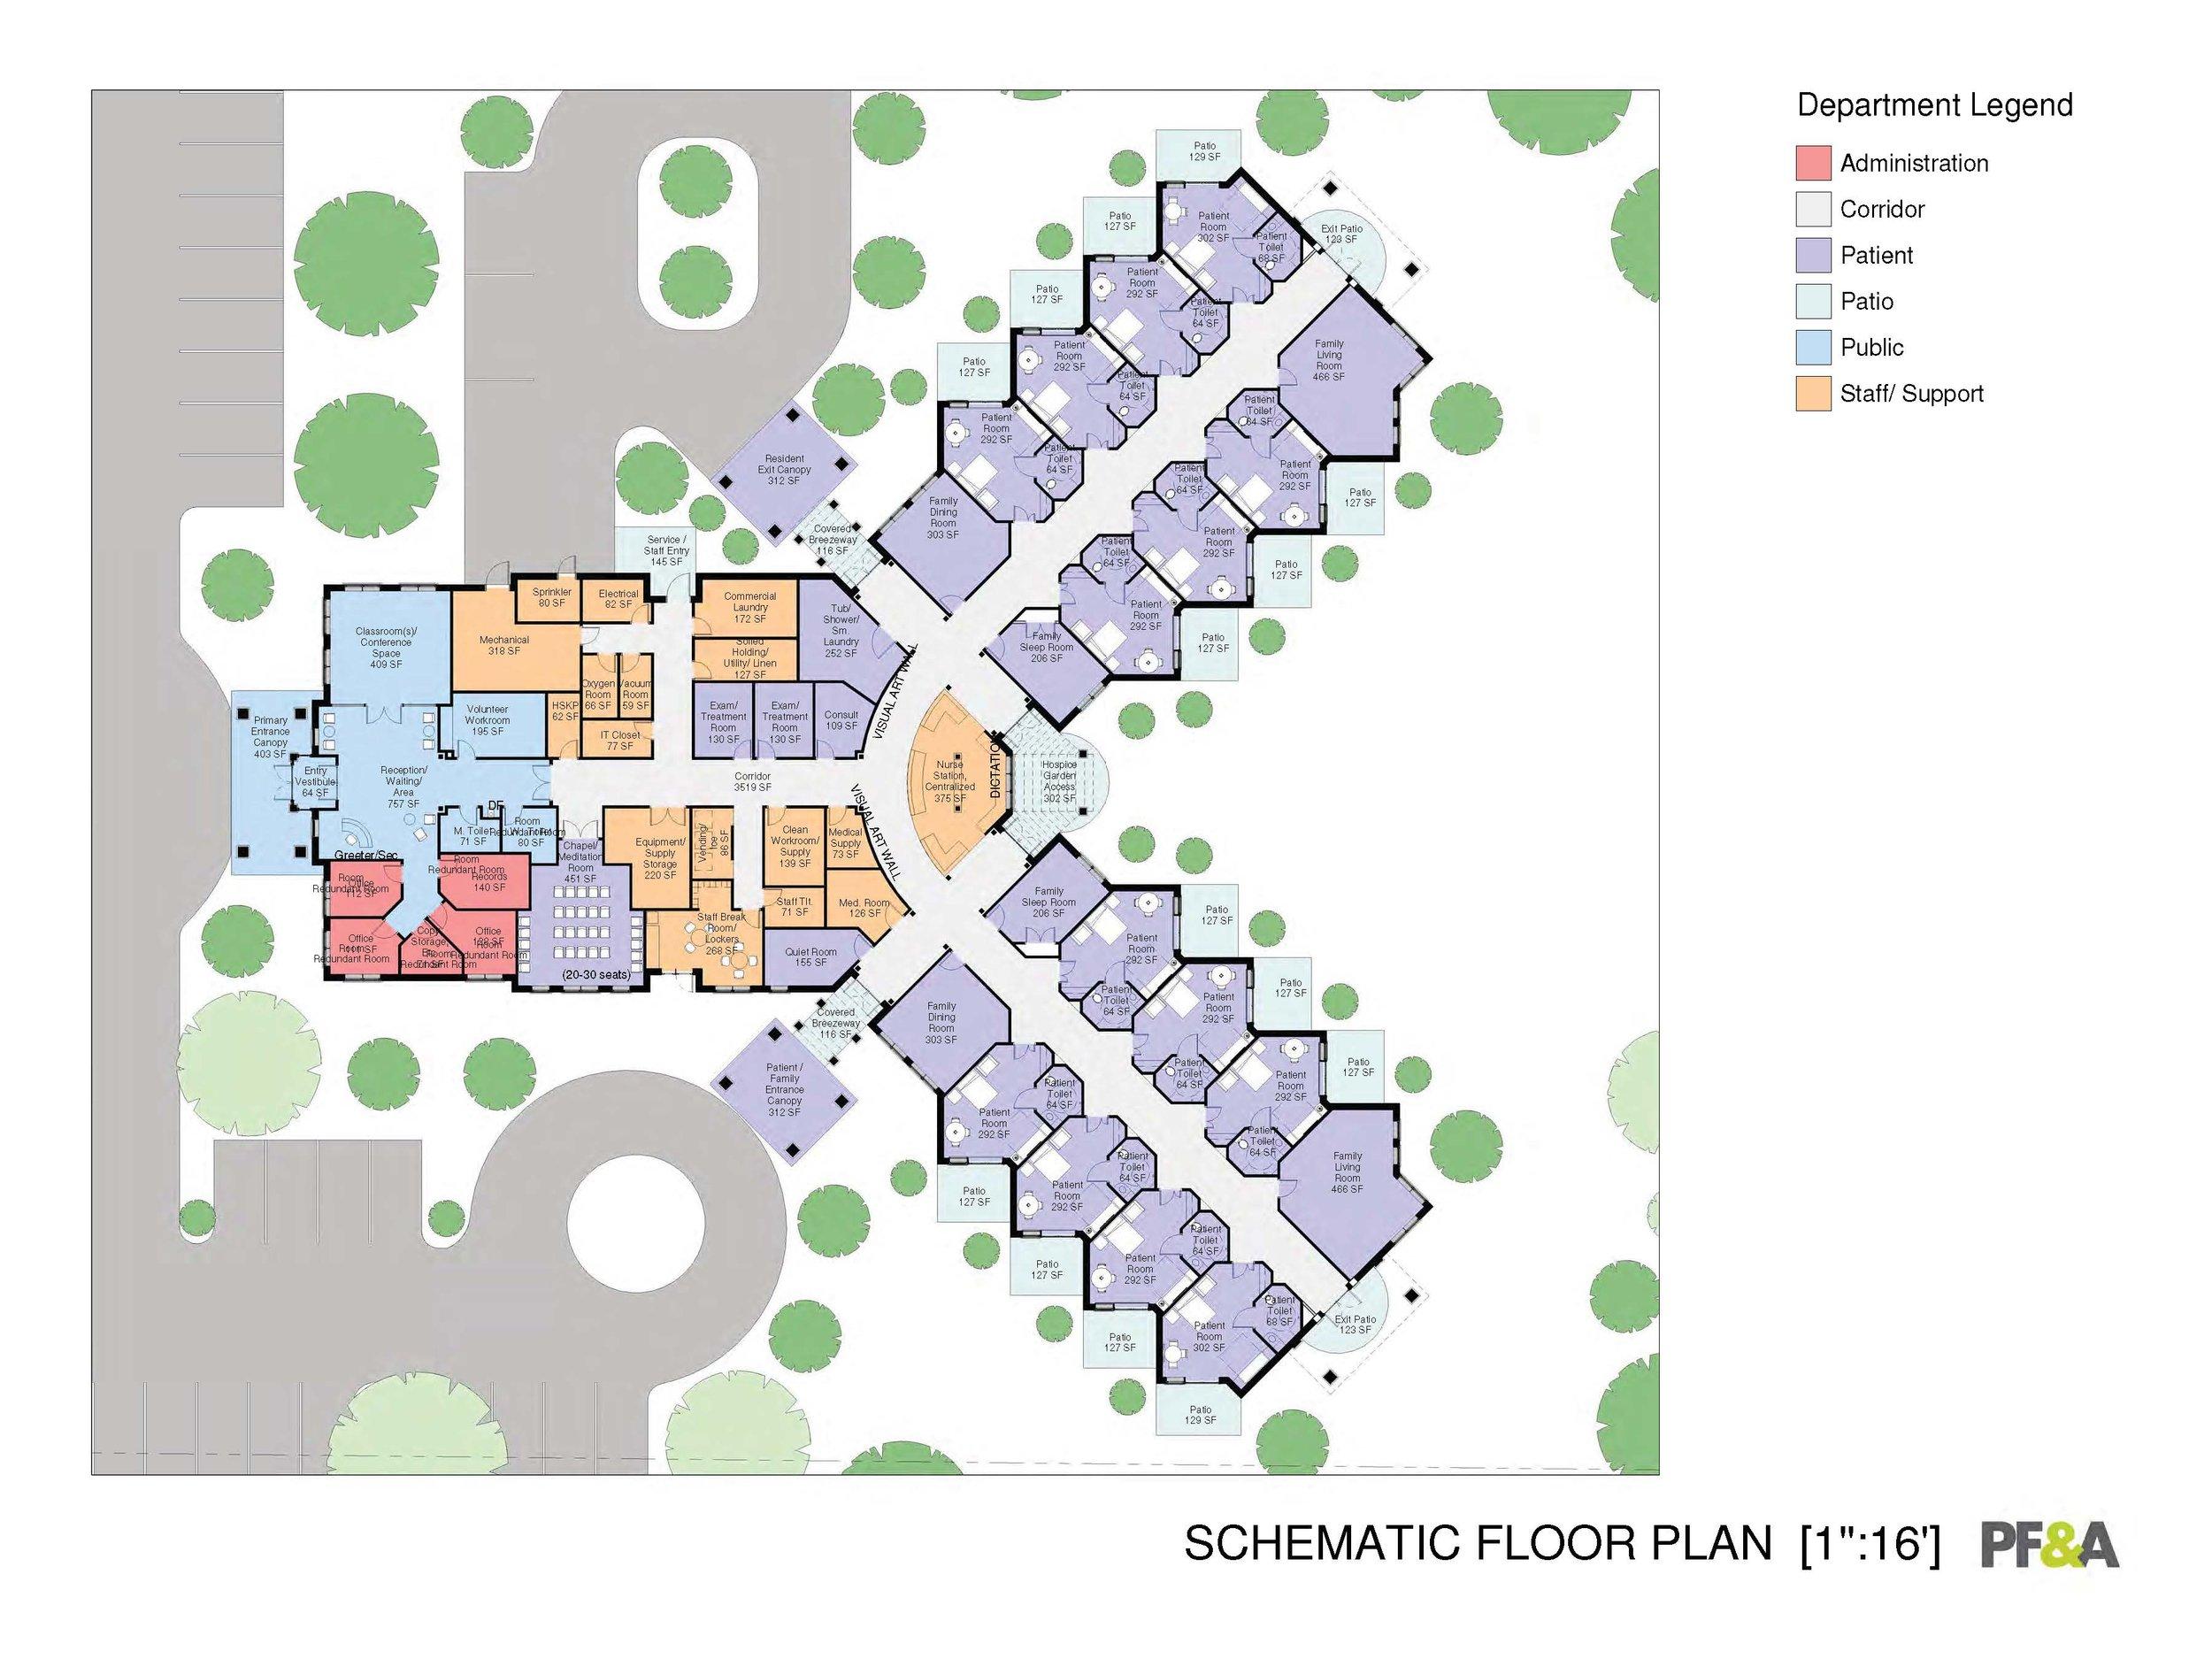 03_Schematic Floor Plan.jpg